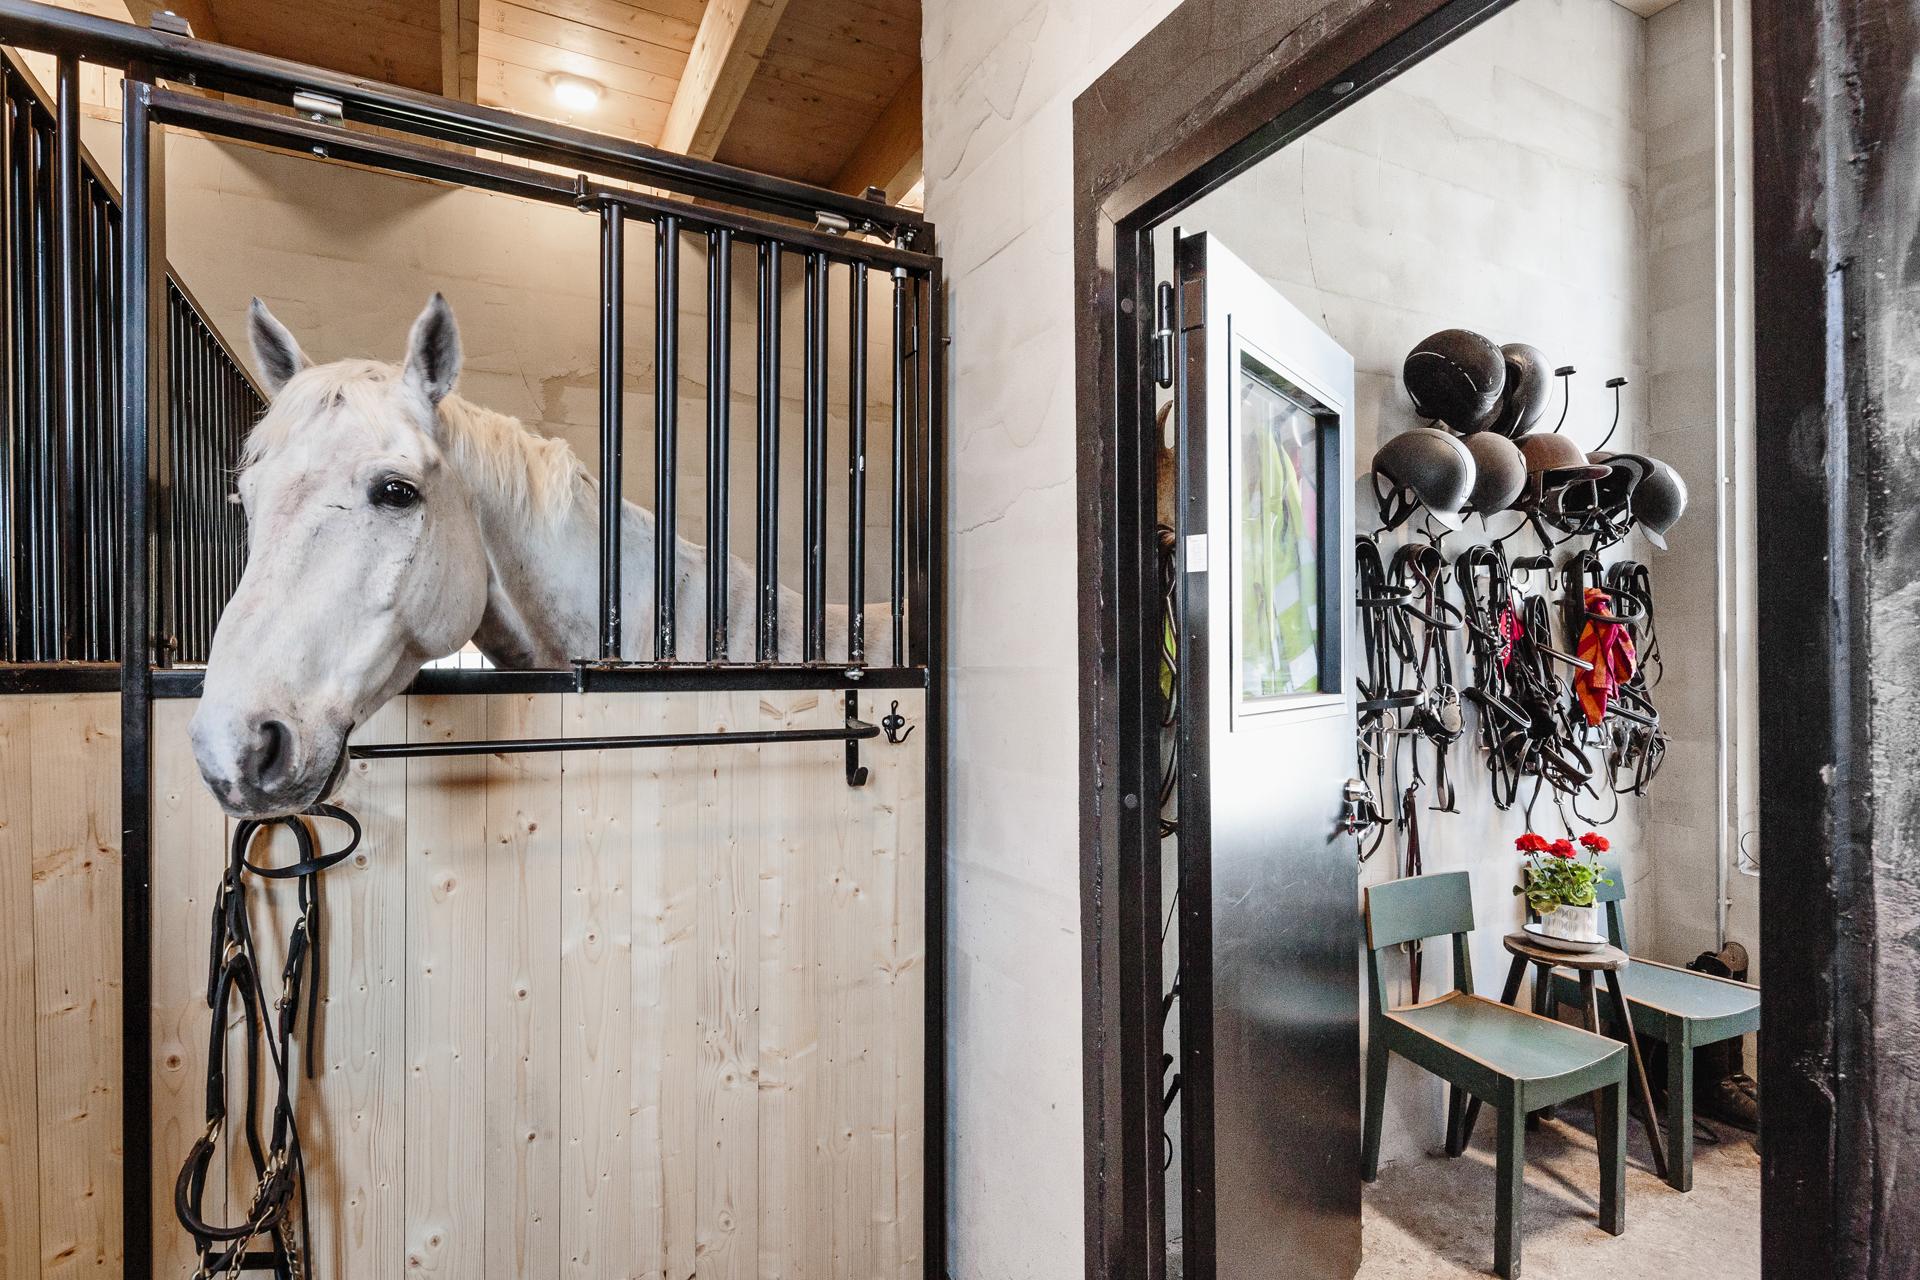 Kuva hevosesta pilttuussa, sekä varustehuoneesta